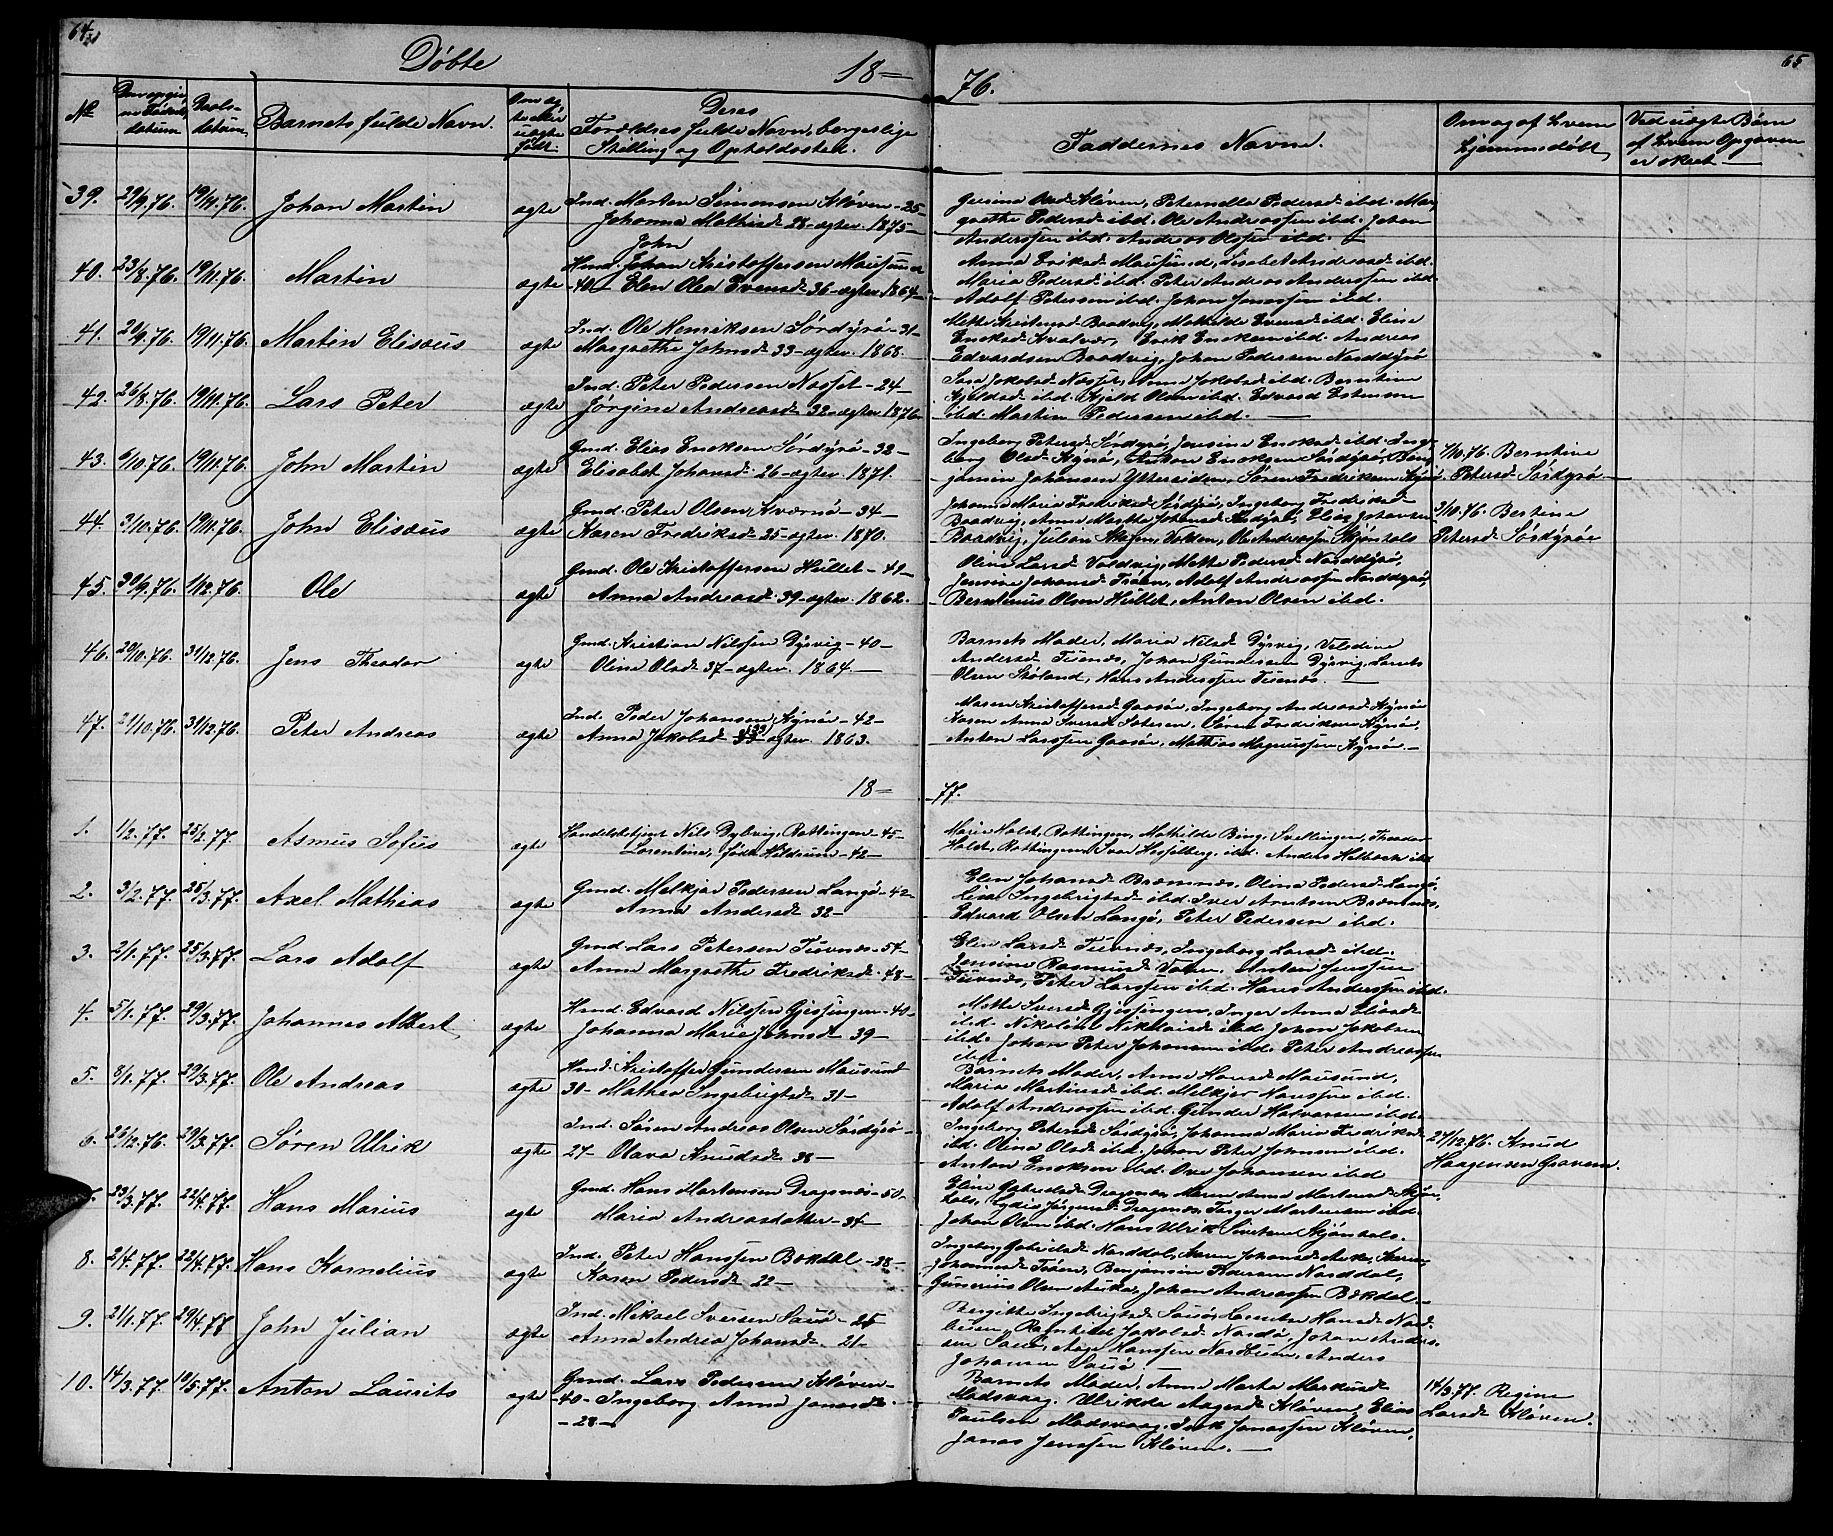 SAT, Ministerialprotokoller, klokkerbøker og fødselsregistre - Sør-Trøndelag, 640/L0583: Klokkerbok nr. 640C01, 1866-1877, s. 64-65